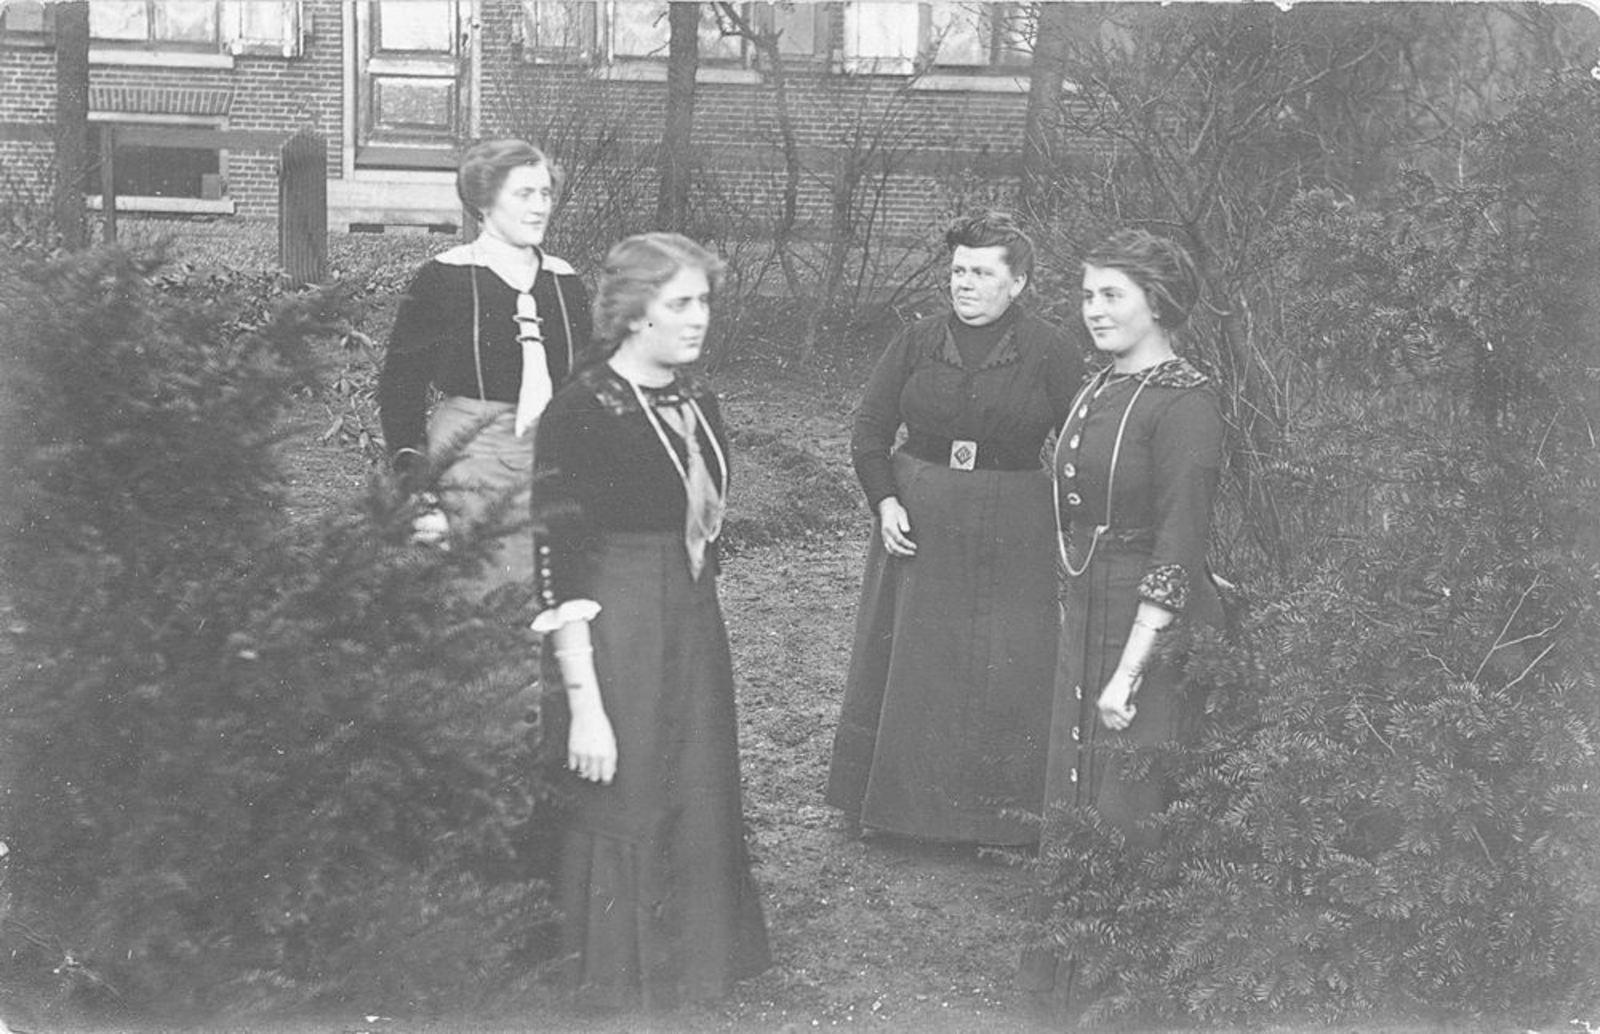 Eversen - Biesheuvel Antje 1866 19__ in Tuin met dochters Eversen